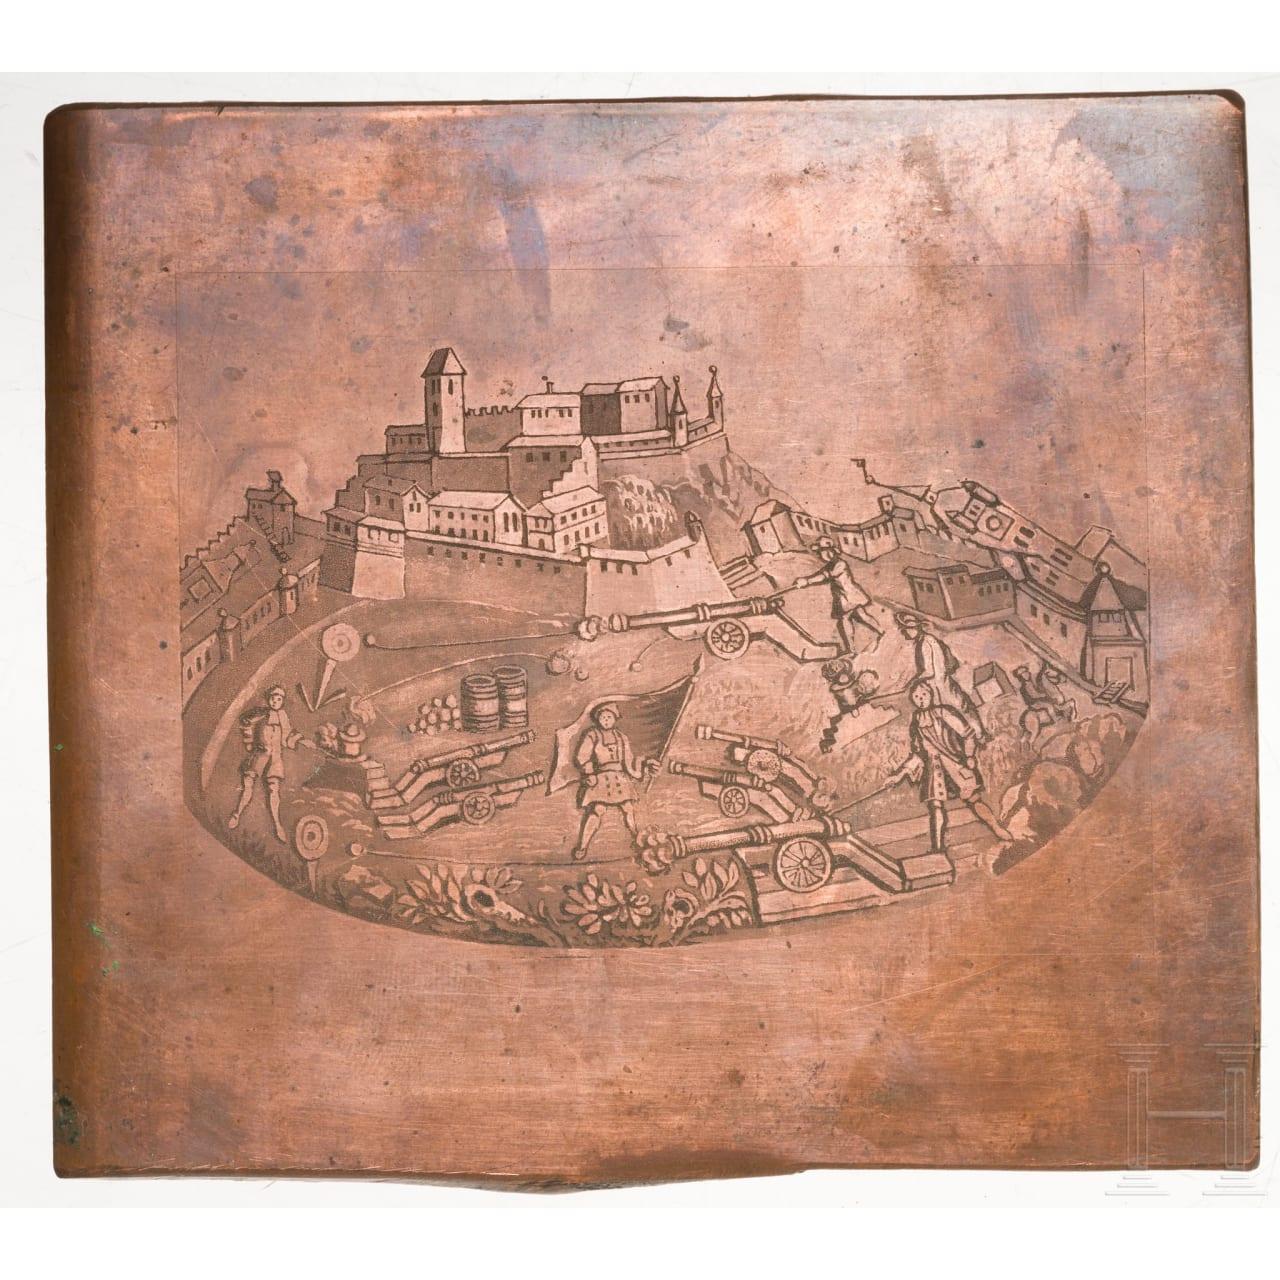 Kupferne Druckplatte, deutsch, um 1700